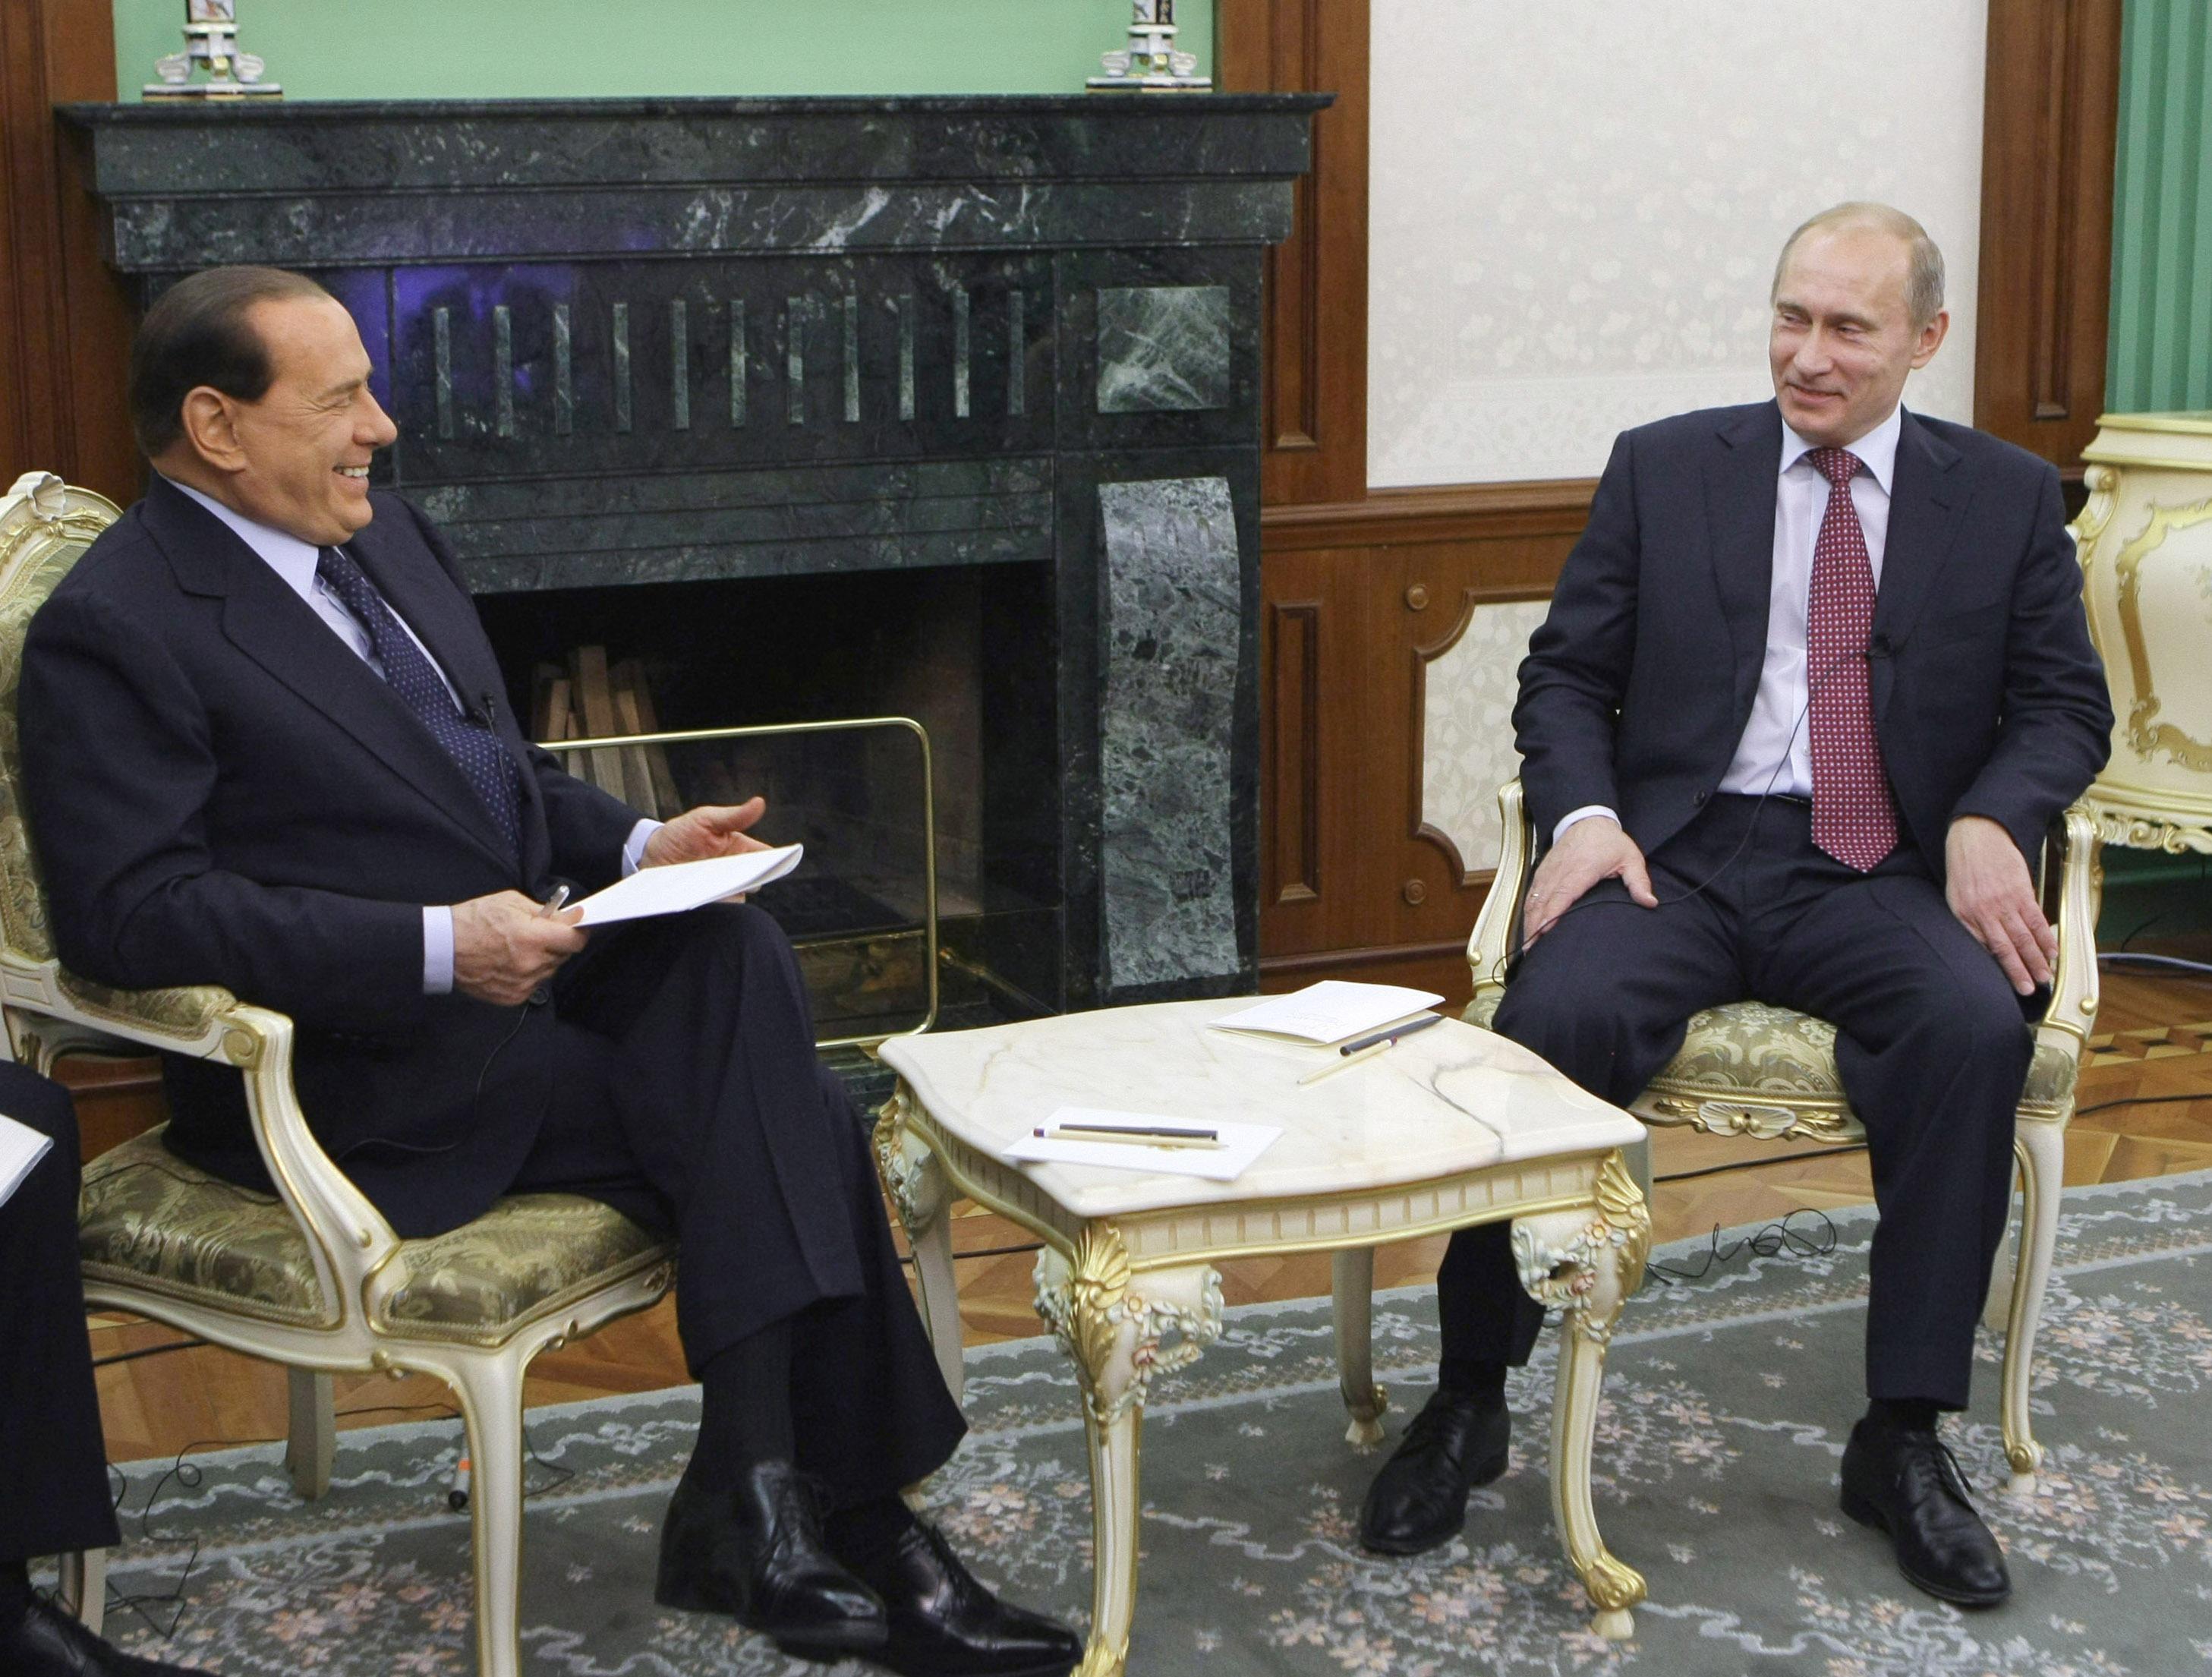 Berlusconi putin asse su energia e gas for Salone del mobile wikipedia